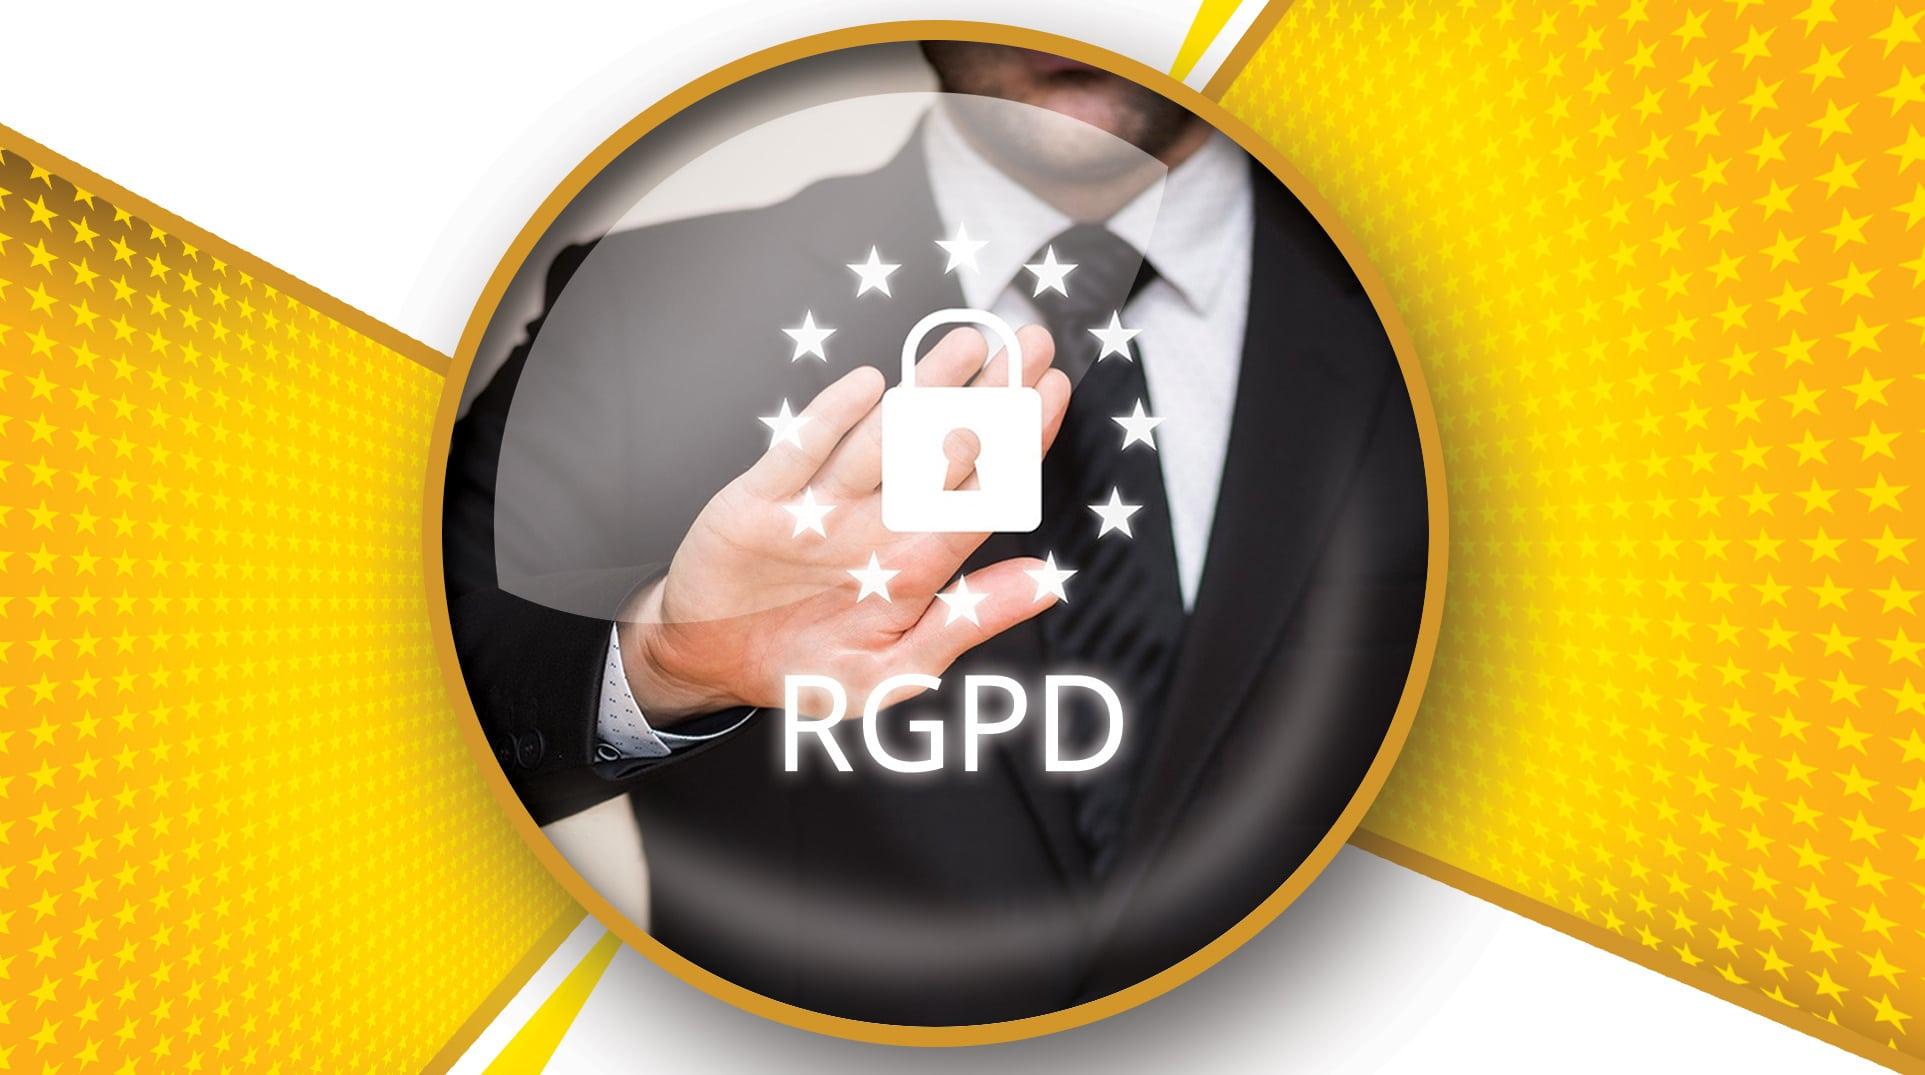 Saiba como pôr em prática o RGPD